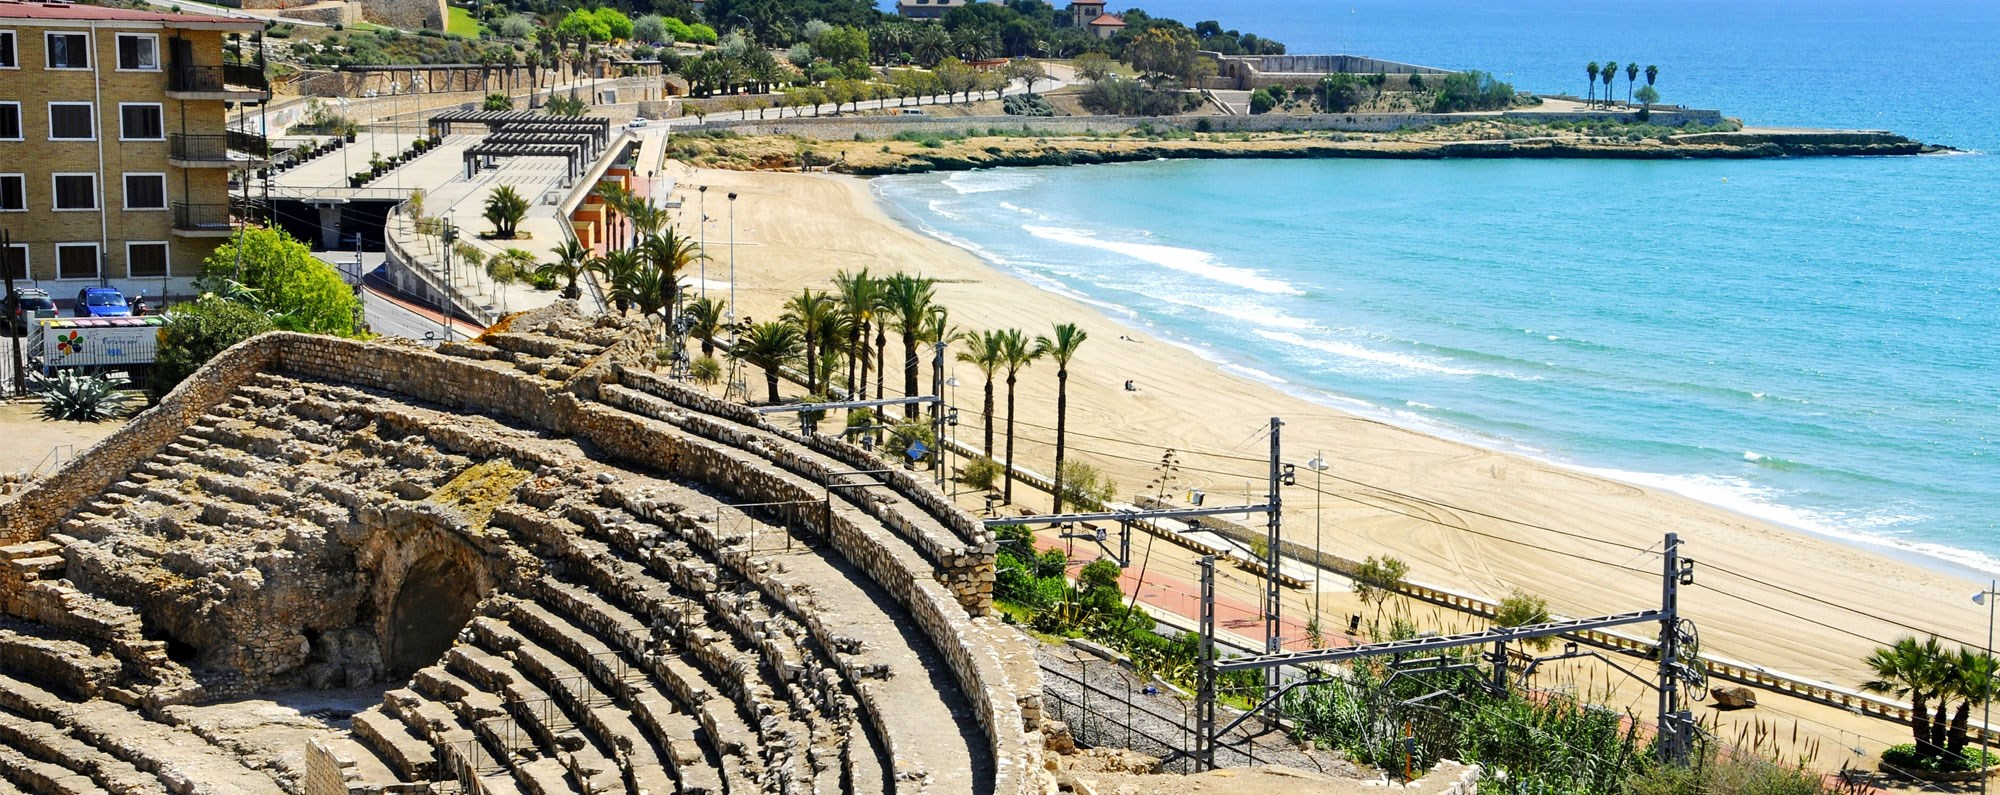 Alquiler de barcos en Tarragona